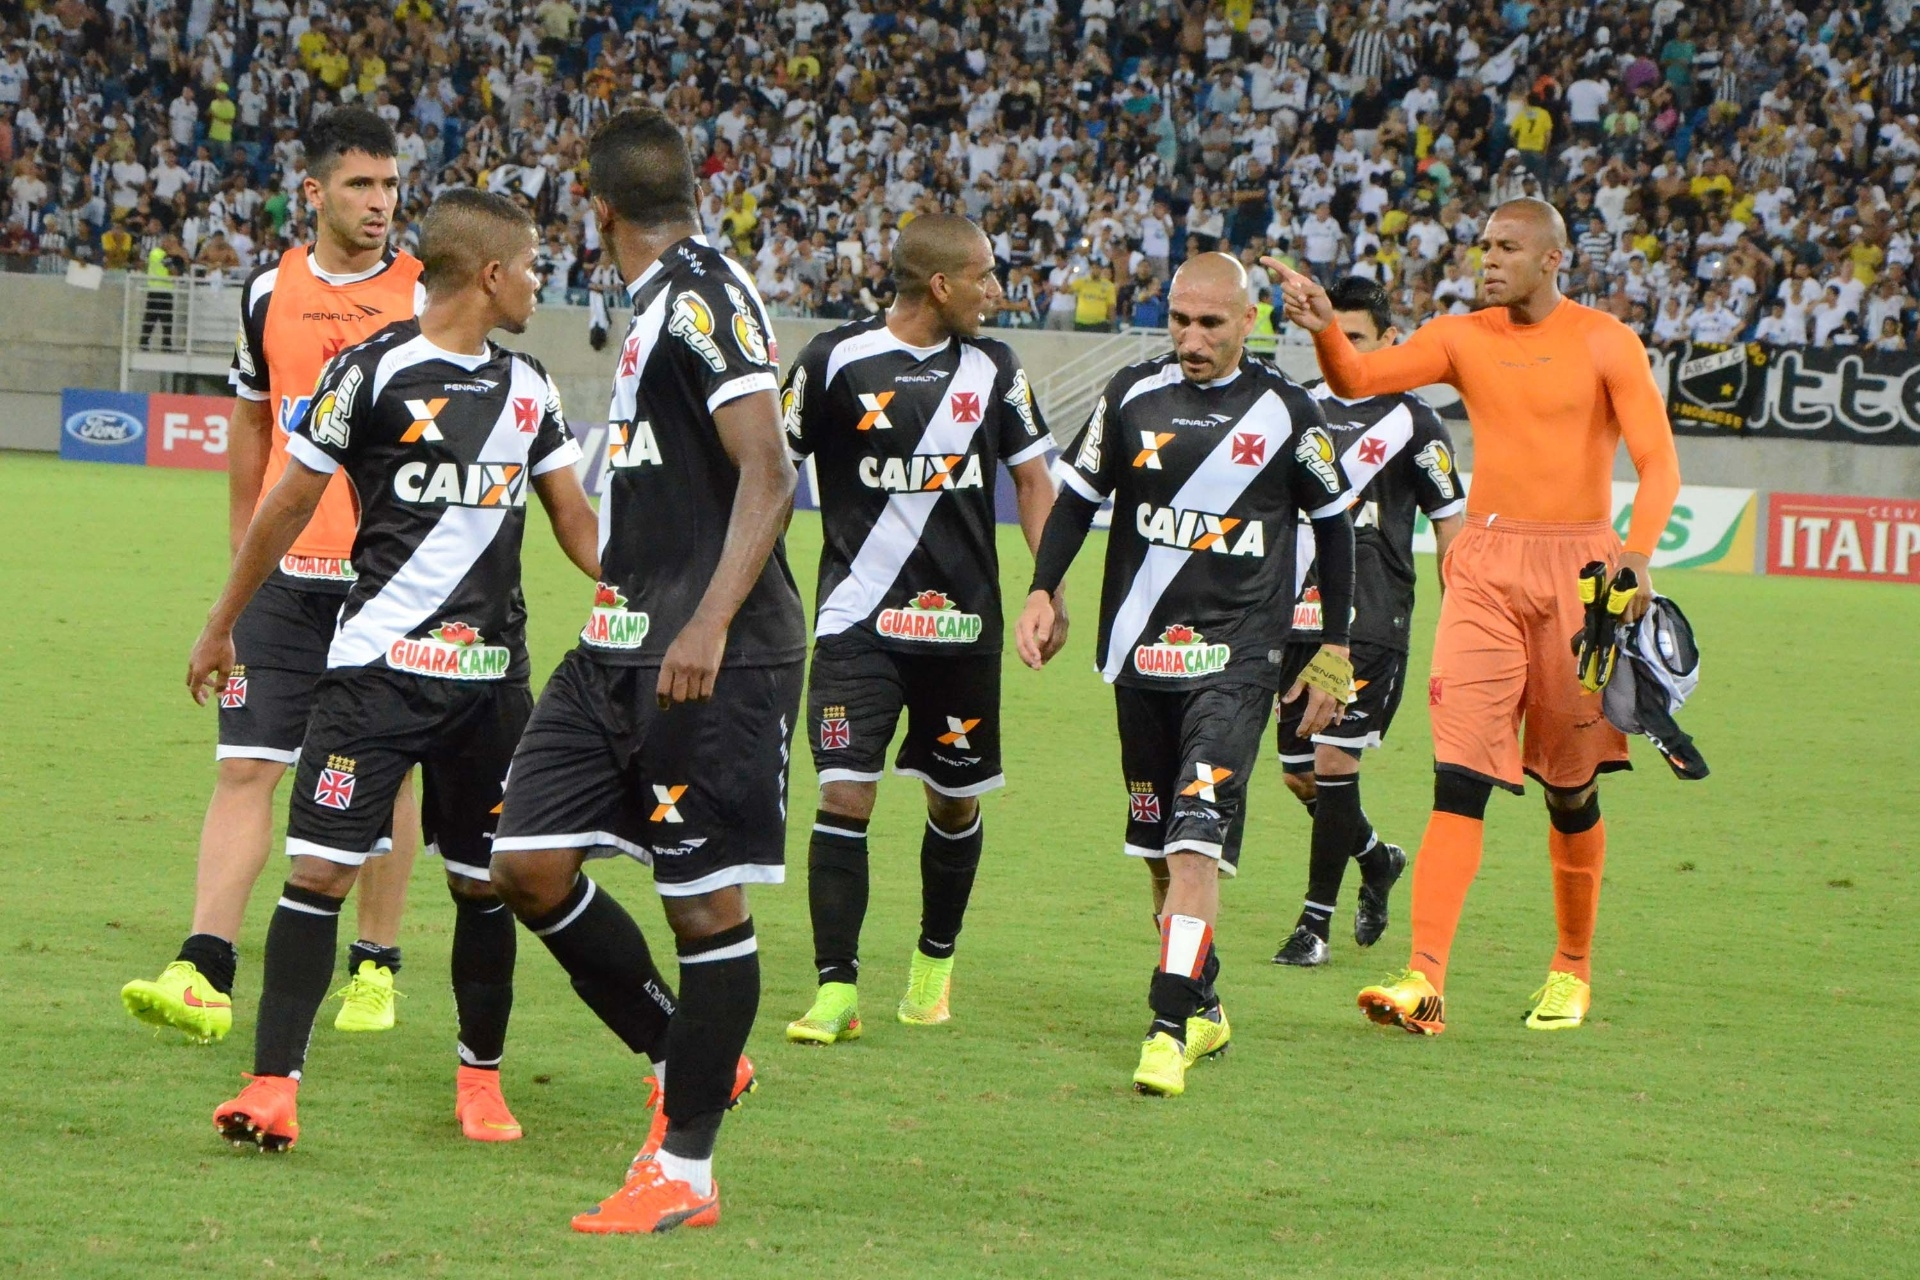 a38d44299a Zagueiro Rodrigo acumula discussões com jovens do Vasco em 2014 - 19 10 2014  - UOL Esporte